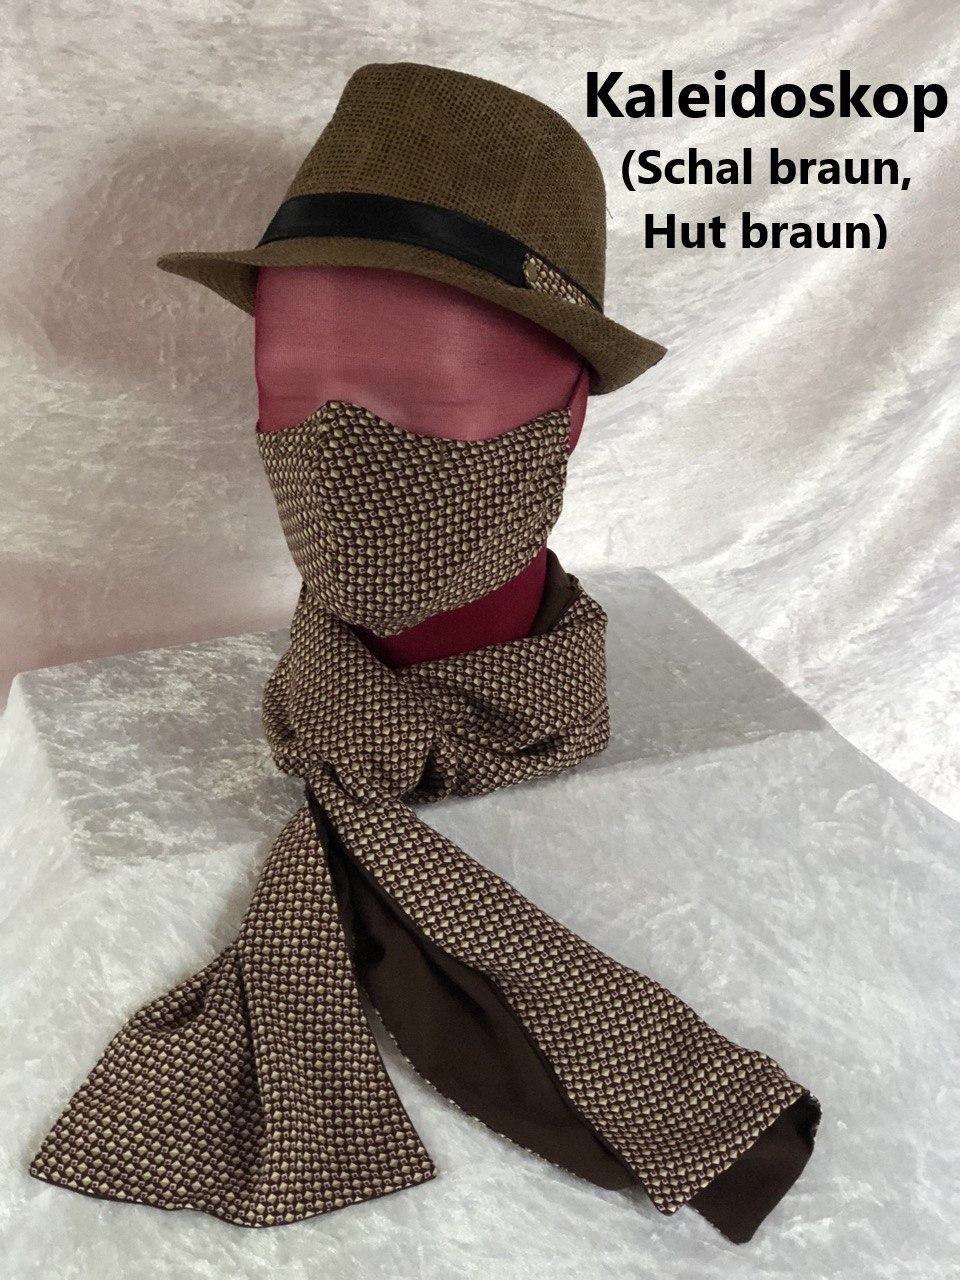 F3 - Maske + Schal braun + Hut braun